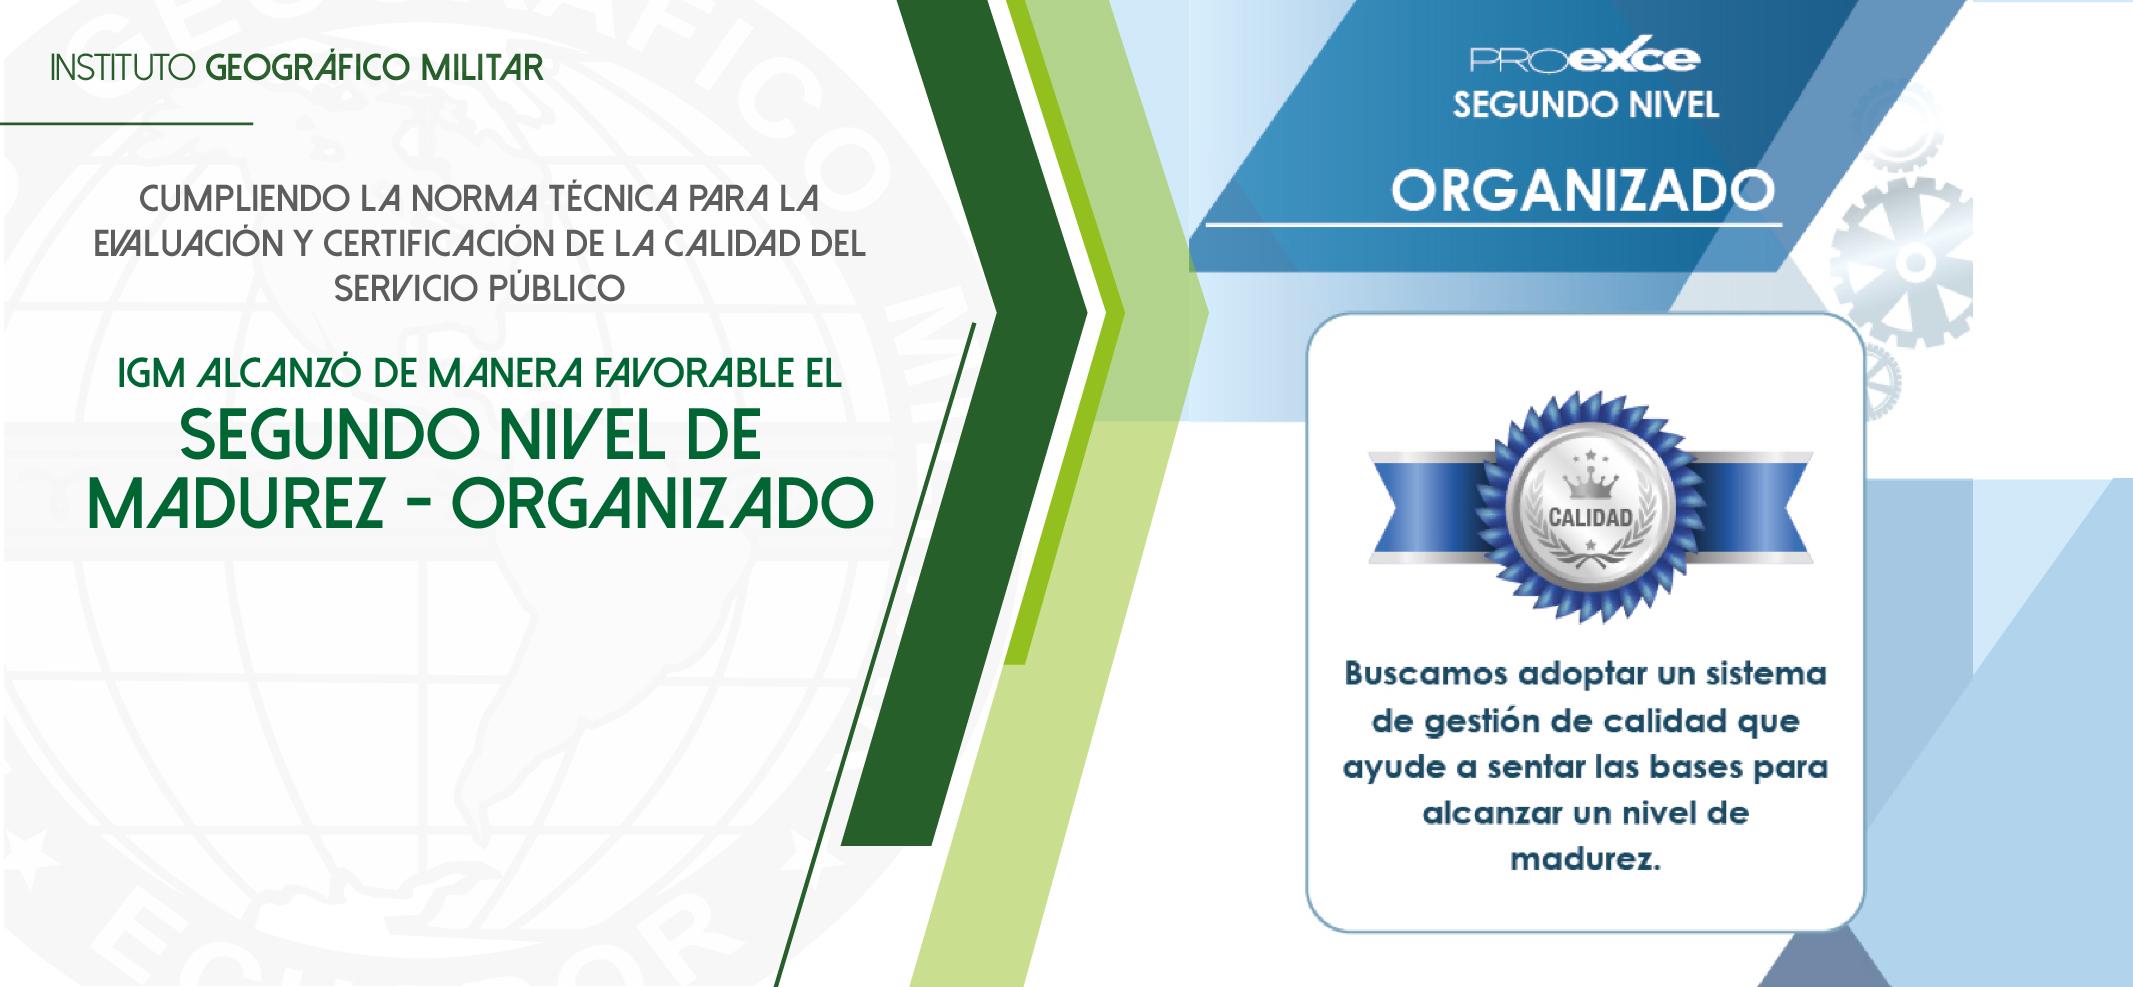 """IGM alcanzó el """"SEGUNDO NIVEL DE MADUREZ- ORGANIZADO"""" – Modelo Ecuatoriano de Calidad y Excelencia (PROEXCE)"""